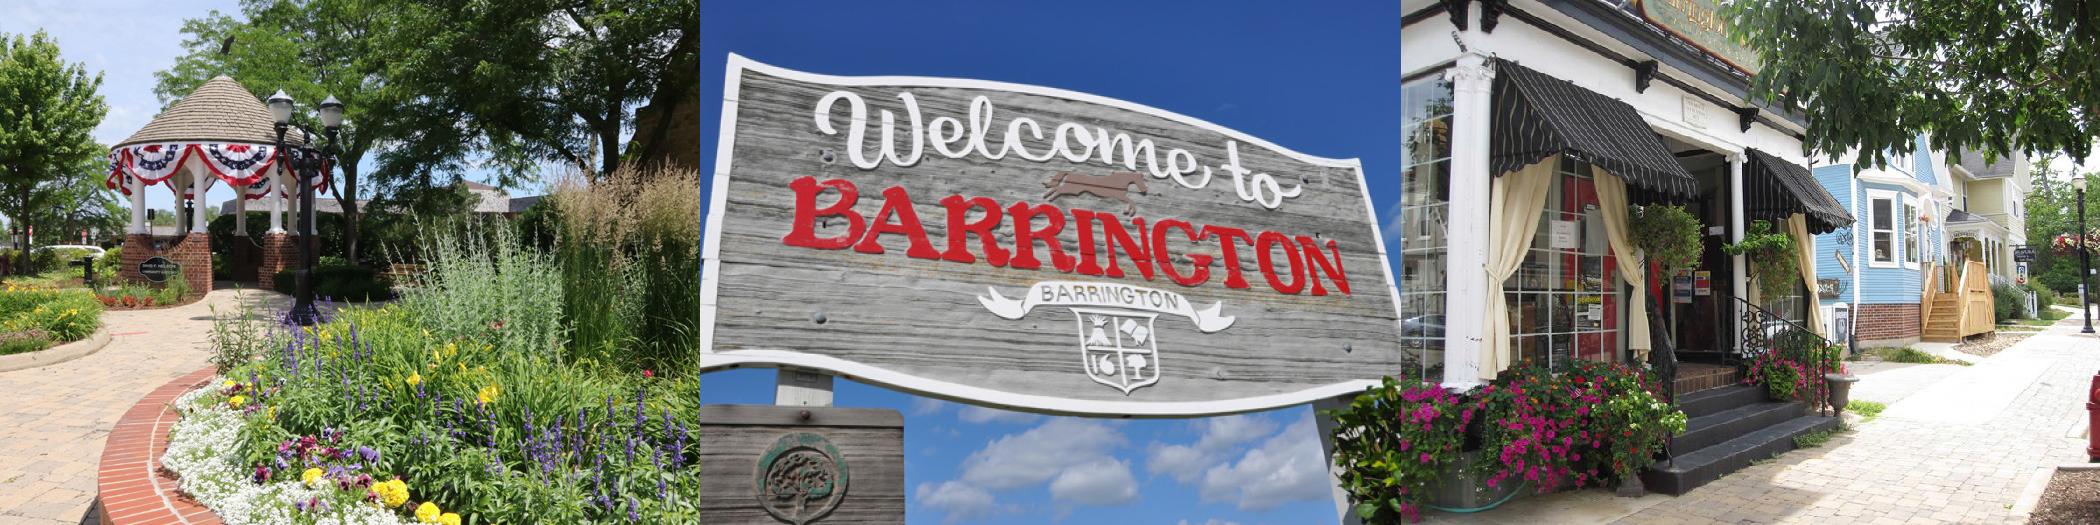 Barrington Limousine Services